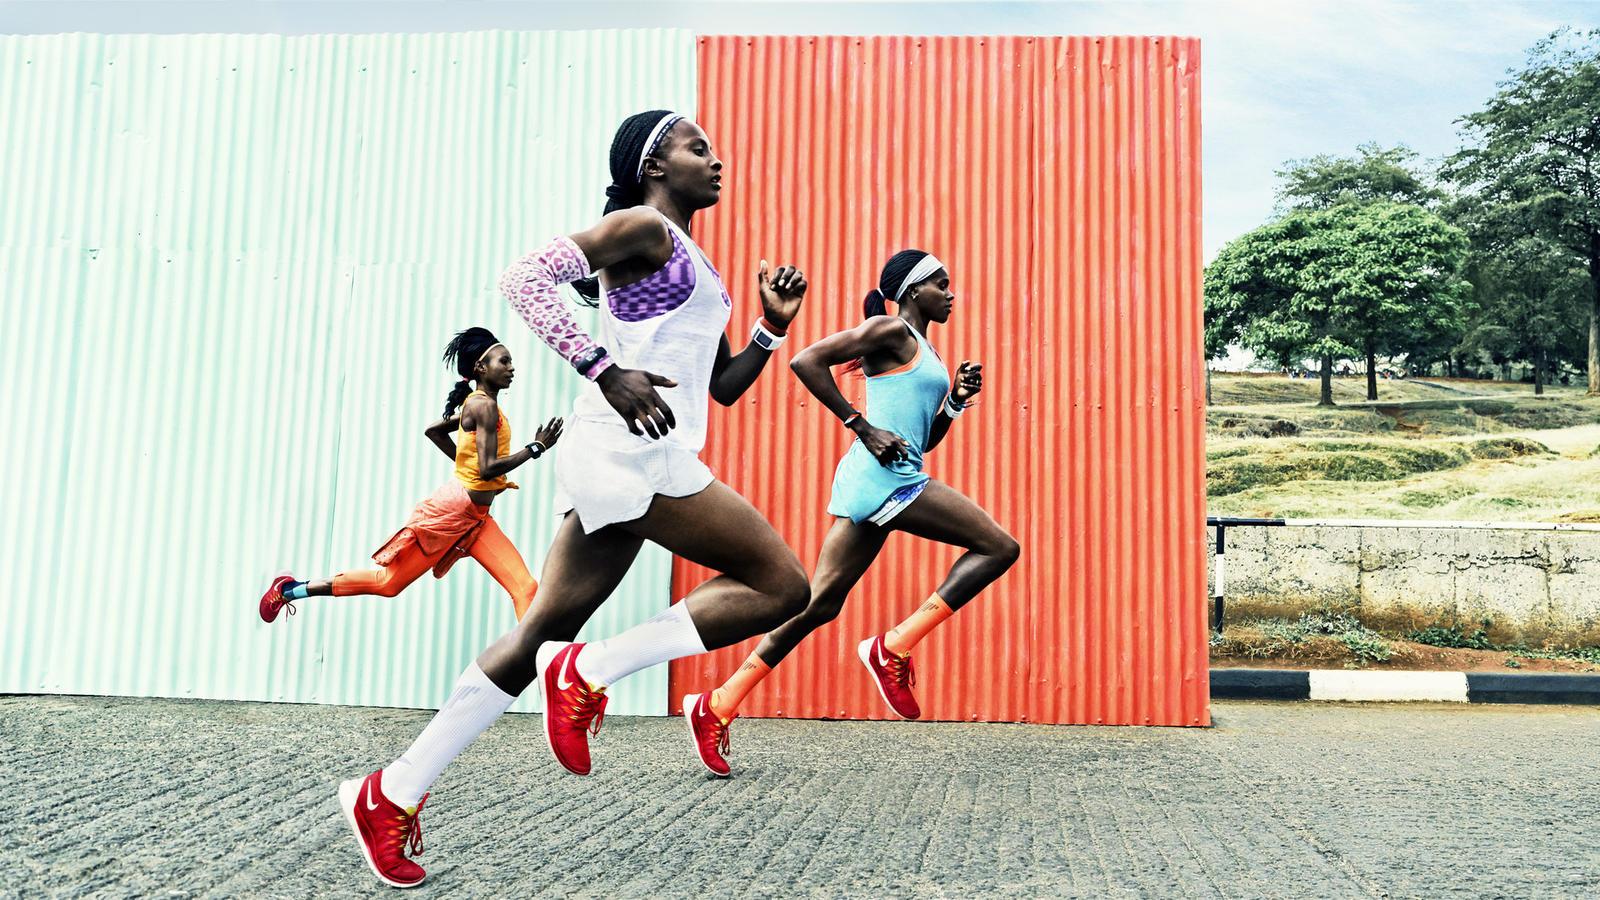 Nike Free 3.0, Free 4.0, Free 5.0 2014